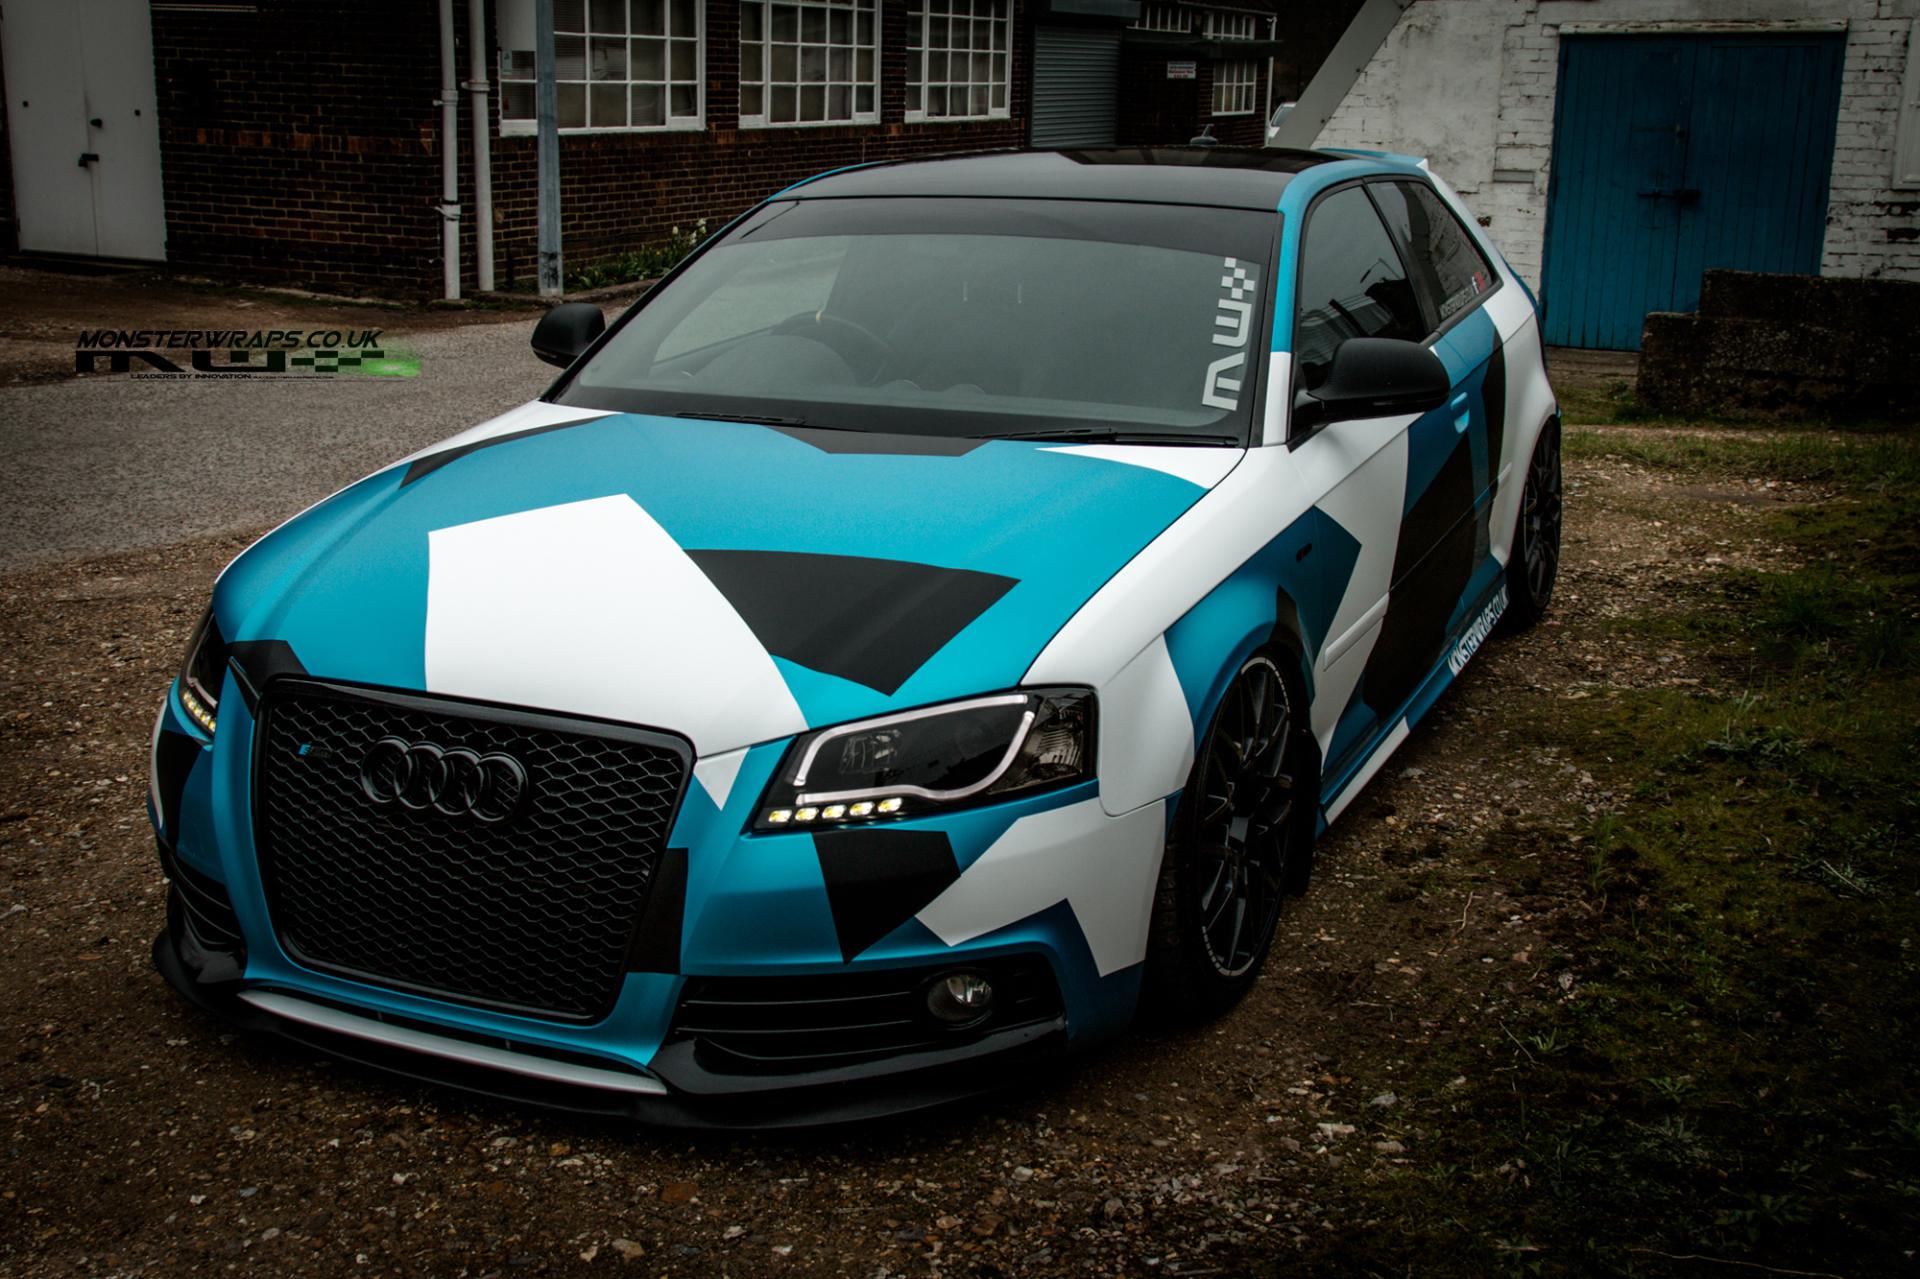 Satin blue Audi A3 Camo wrap